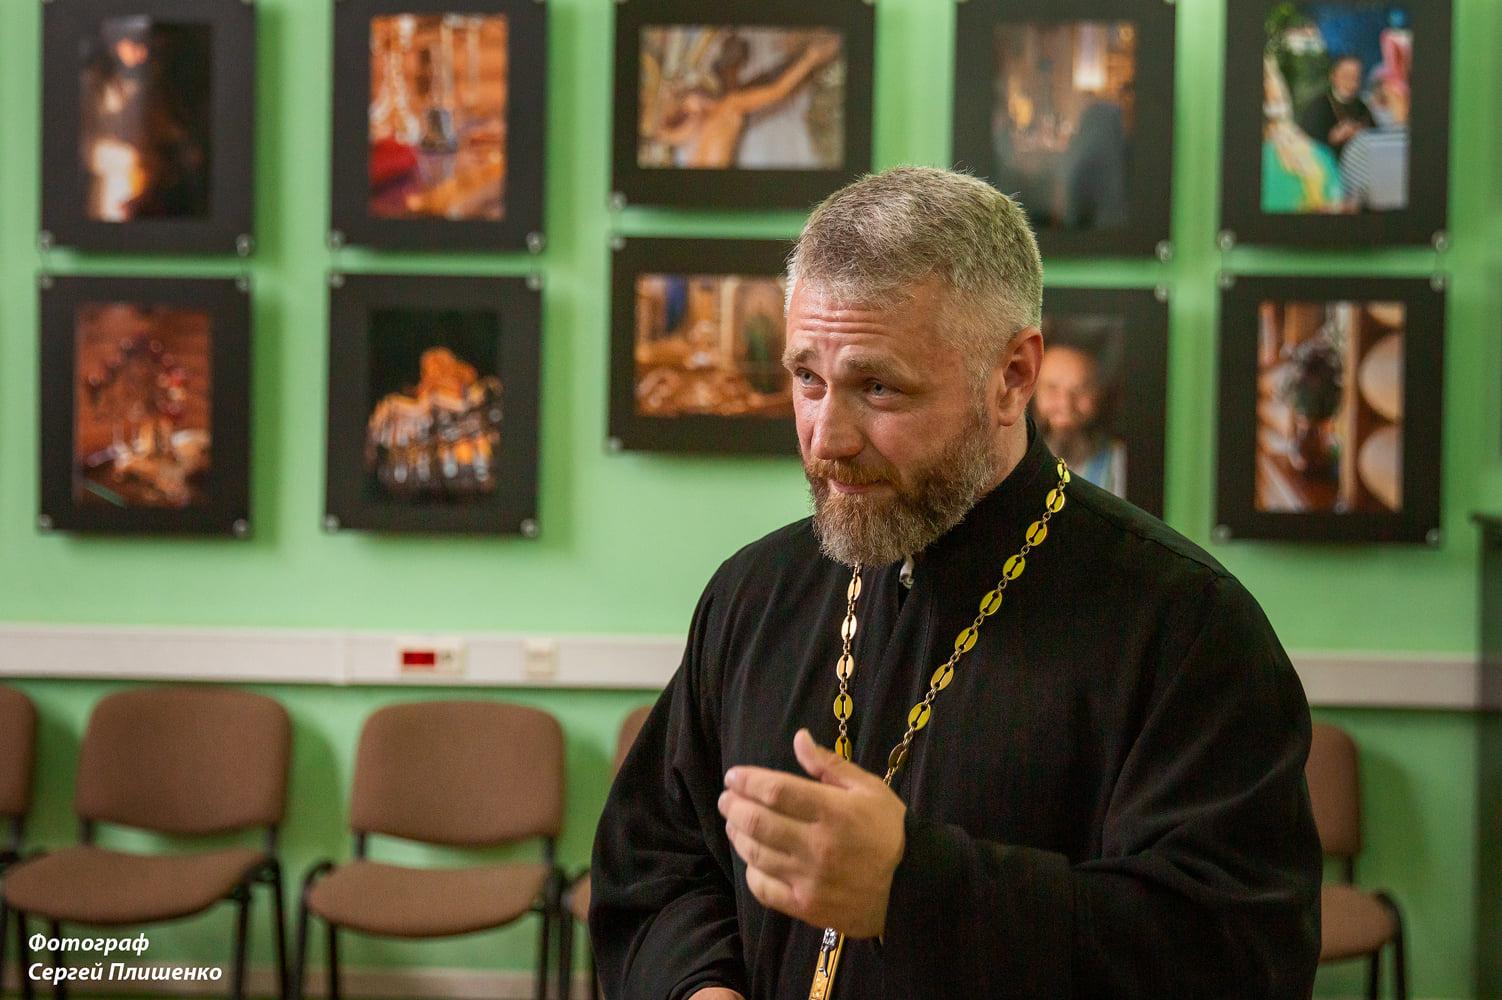 Таганрогский священник представил свои «Краски мироздания»